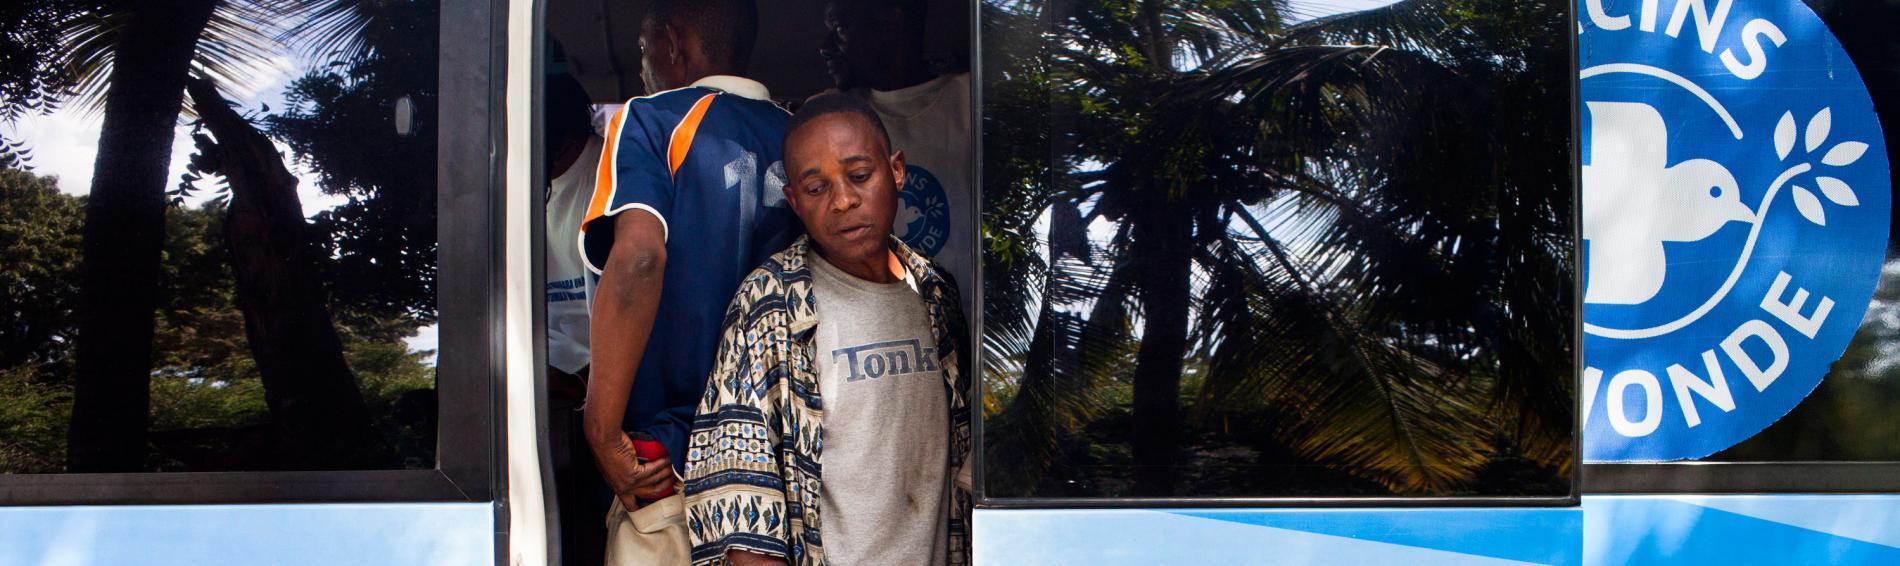 Der Ärzte der Welt Bus fährt Drogenkonsumenten auf den Straßen von Dar es Salaam an. Foto: William Daniels